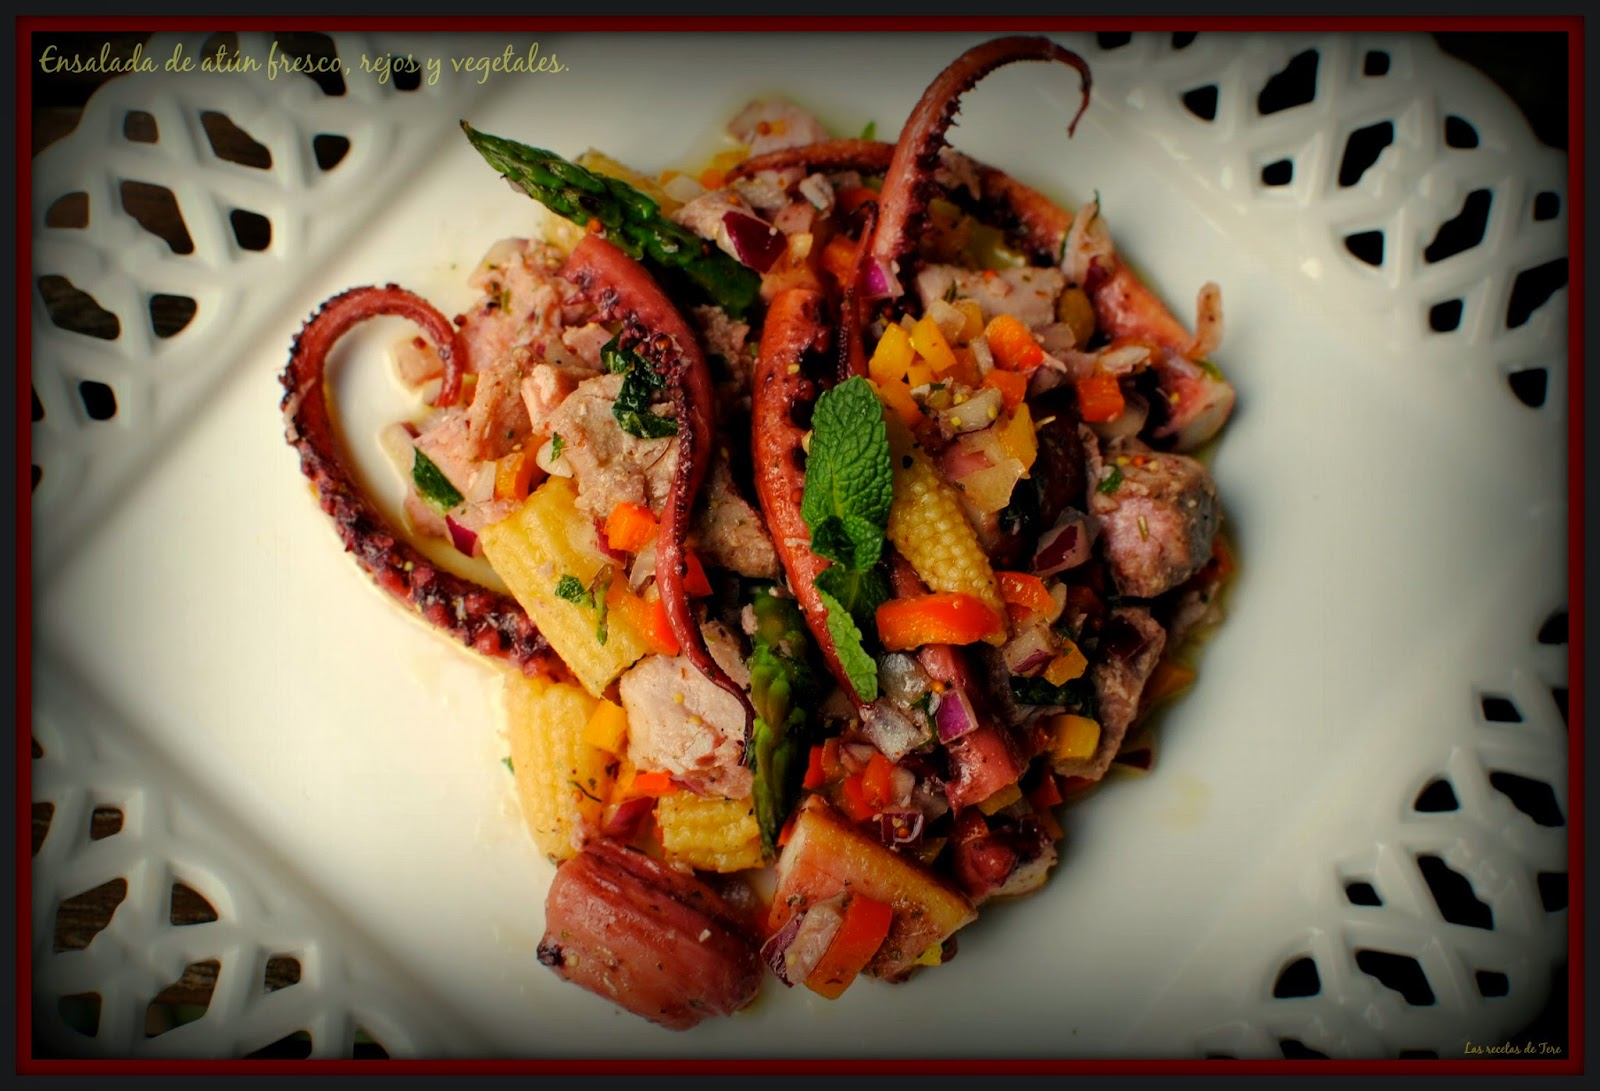 ensalada de atún fresco rejos y vegetales tererecetas 01